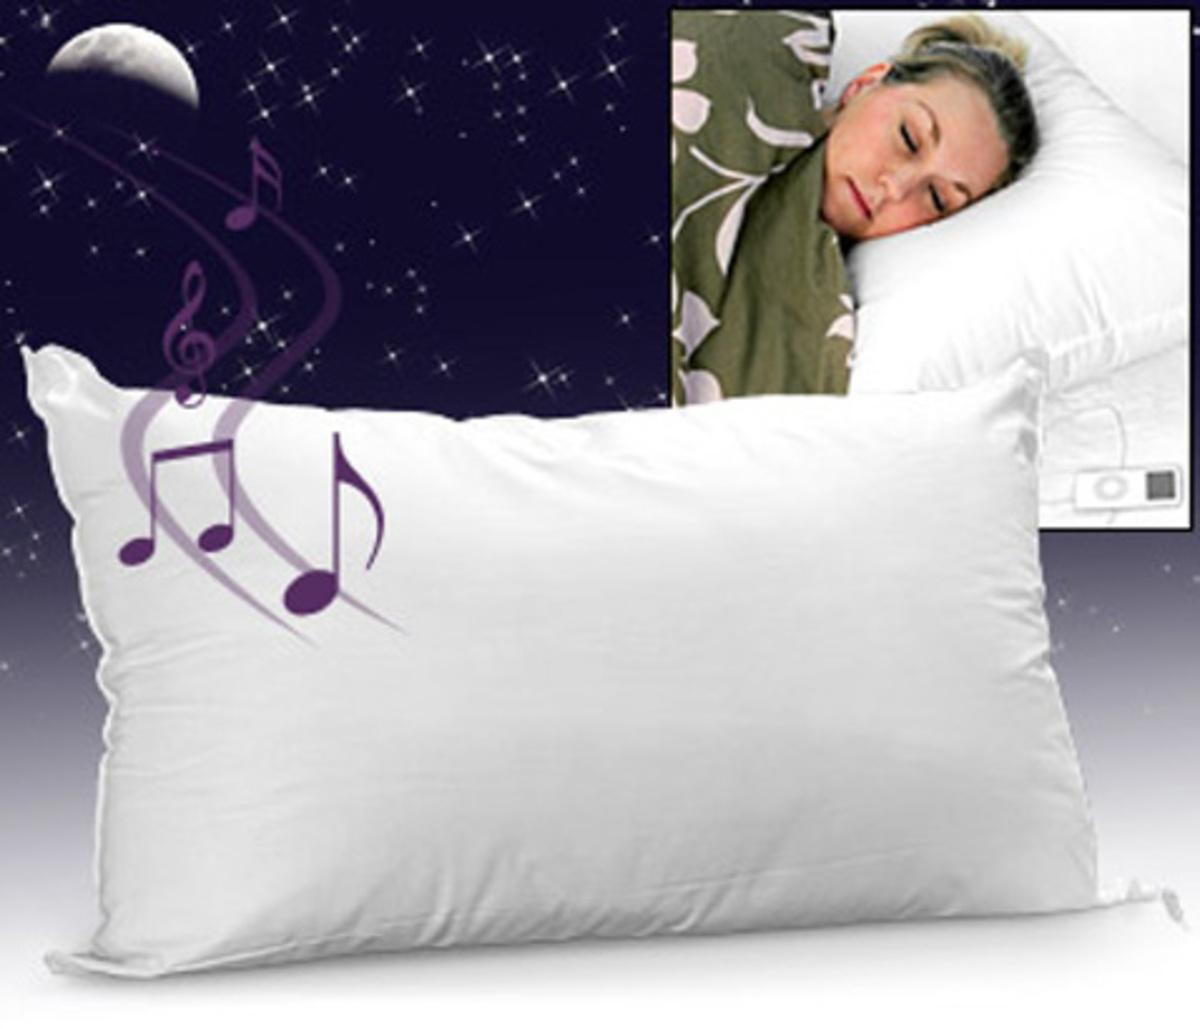 Όνειρα μουσικά με το απίστευτο μαξιλαρι | Newsit.gr